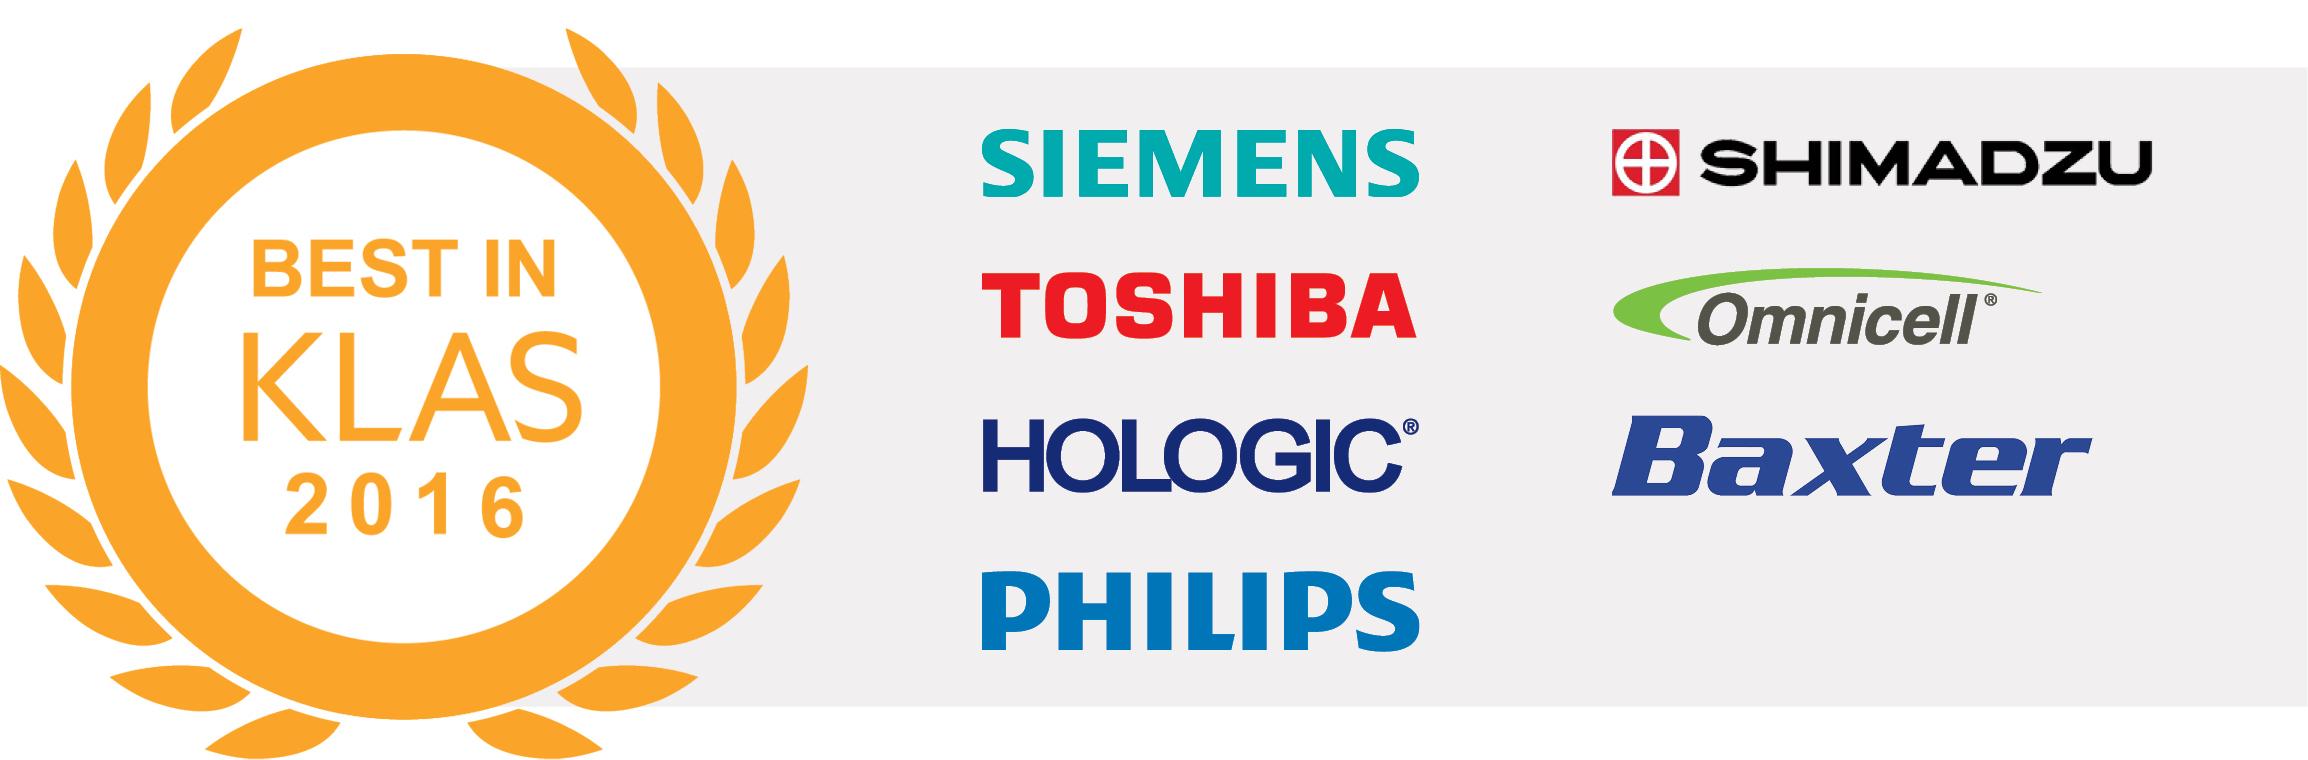 best in klas winners logos